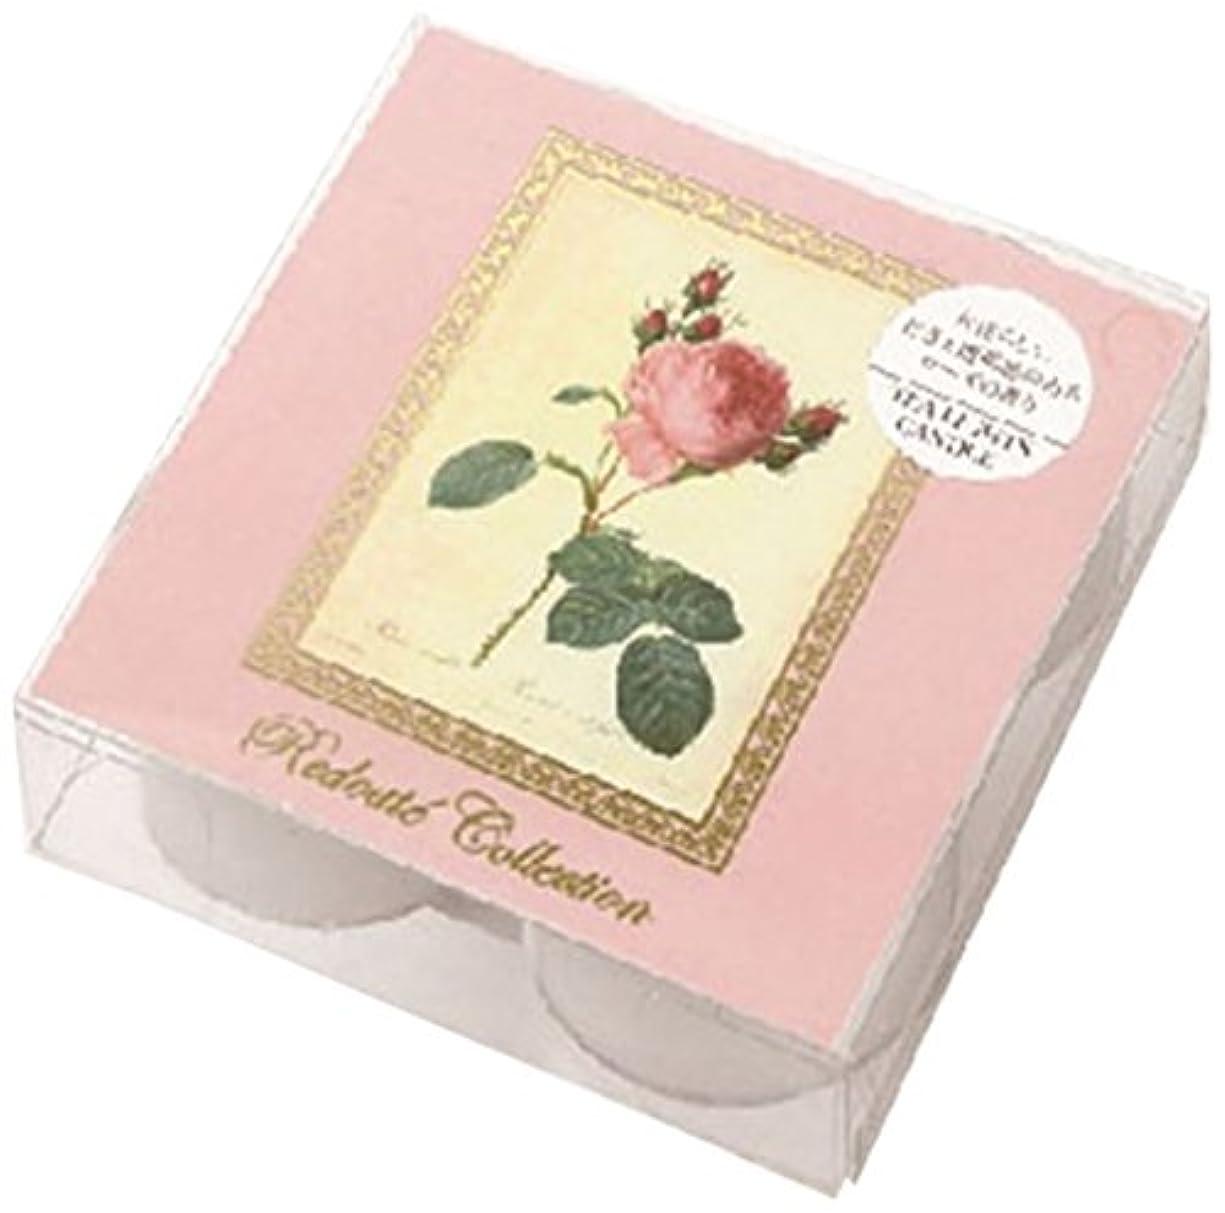 摂動貢献するスイカメヤマキャンドルハウス ルドゥーテ クリアカップティーライト4個入 スイートローズの香り